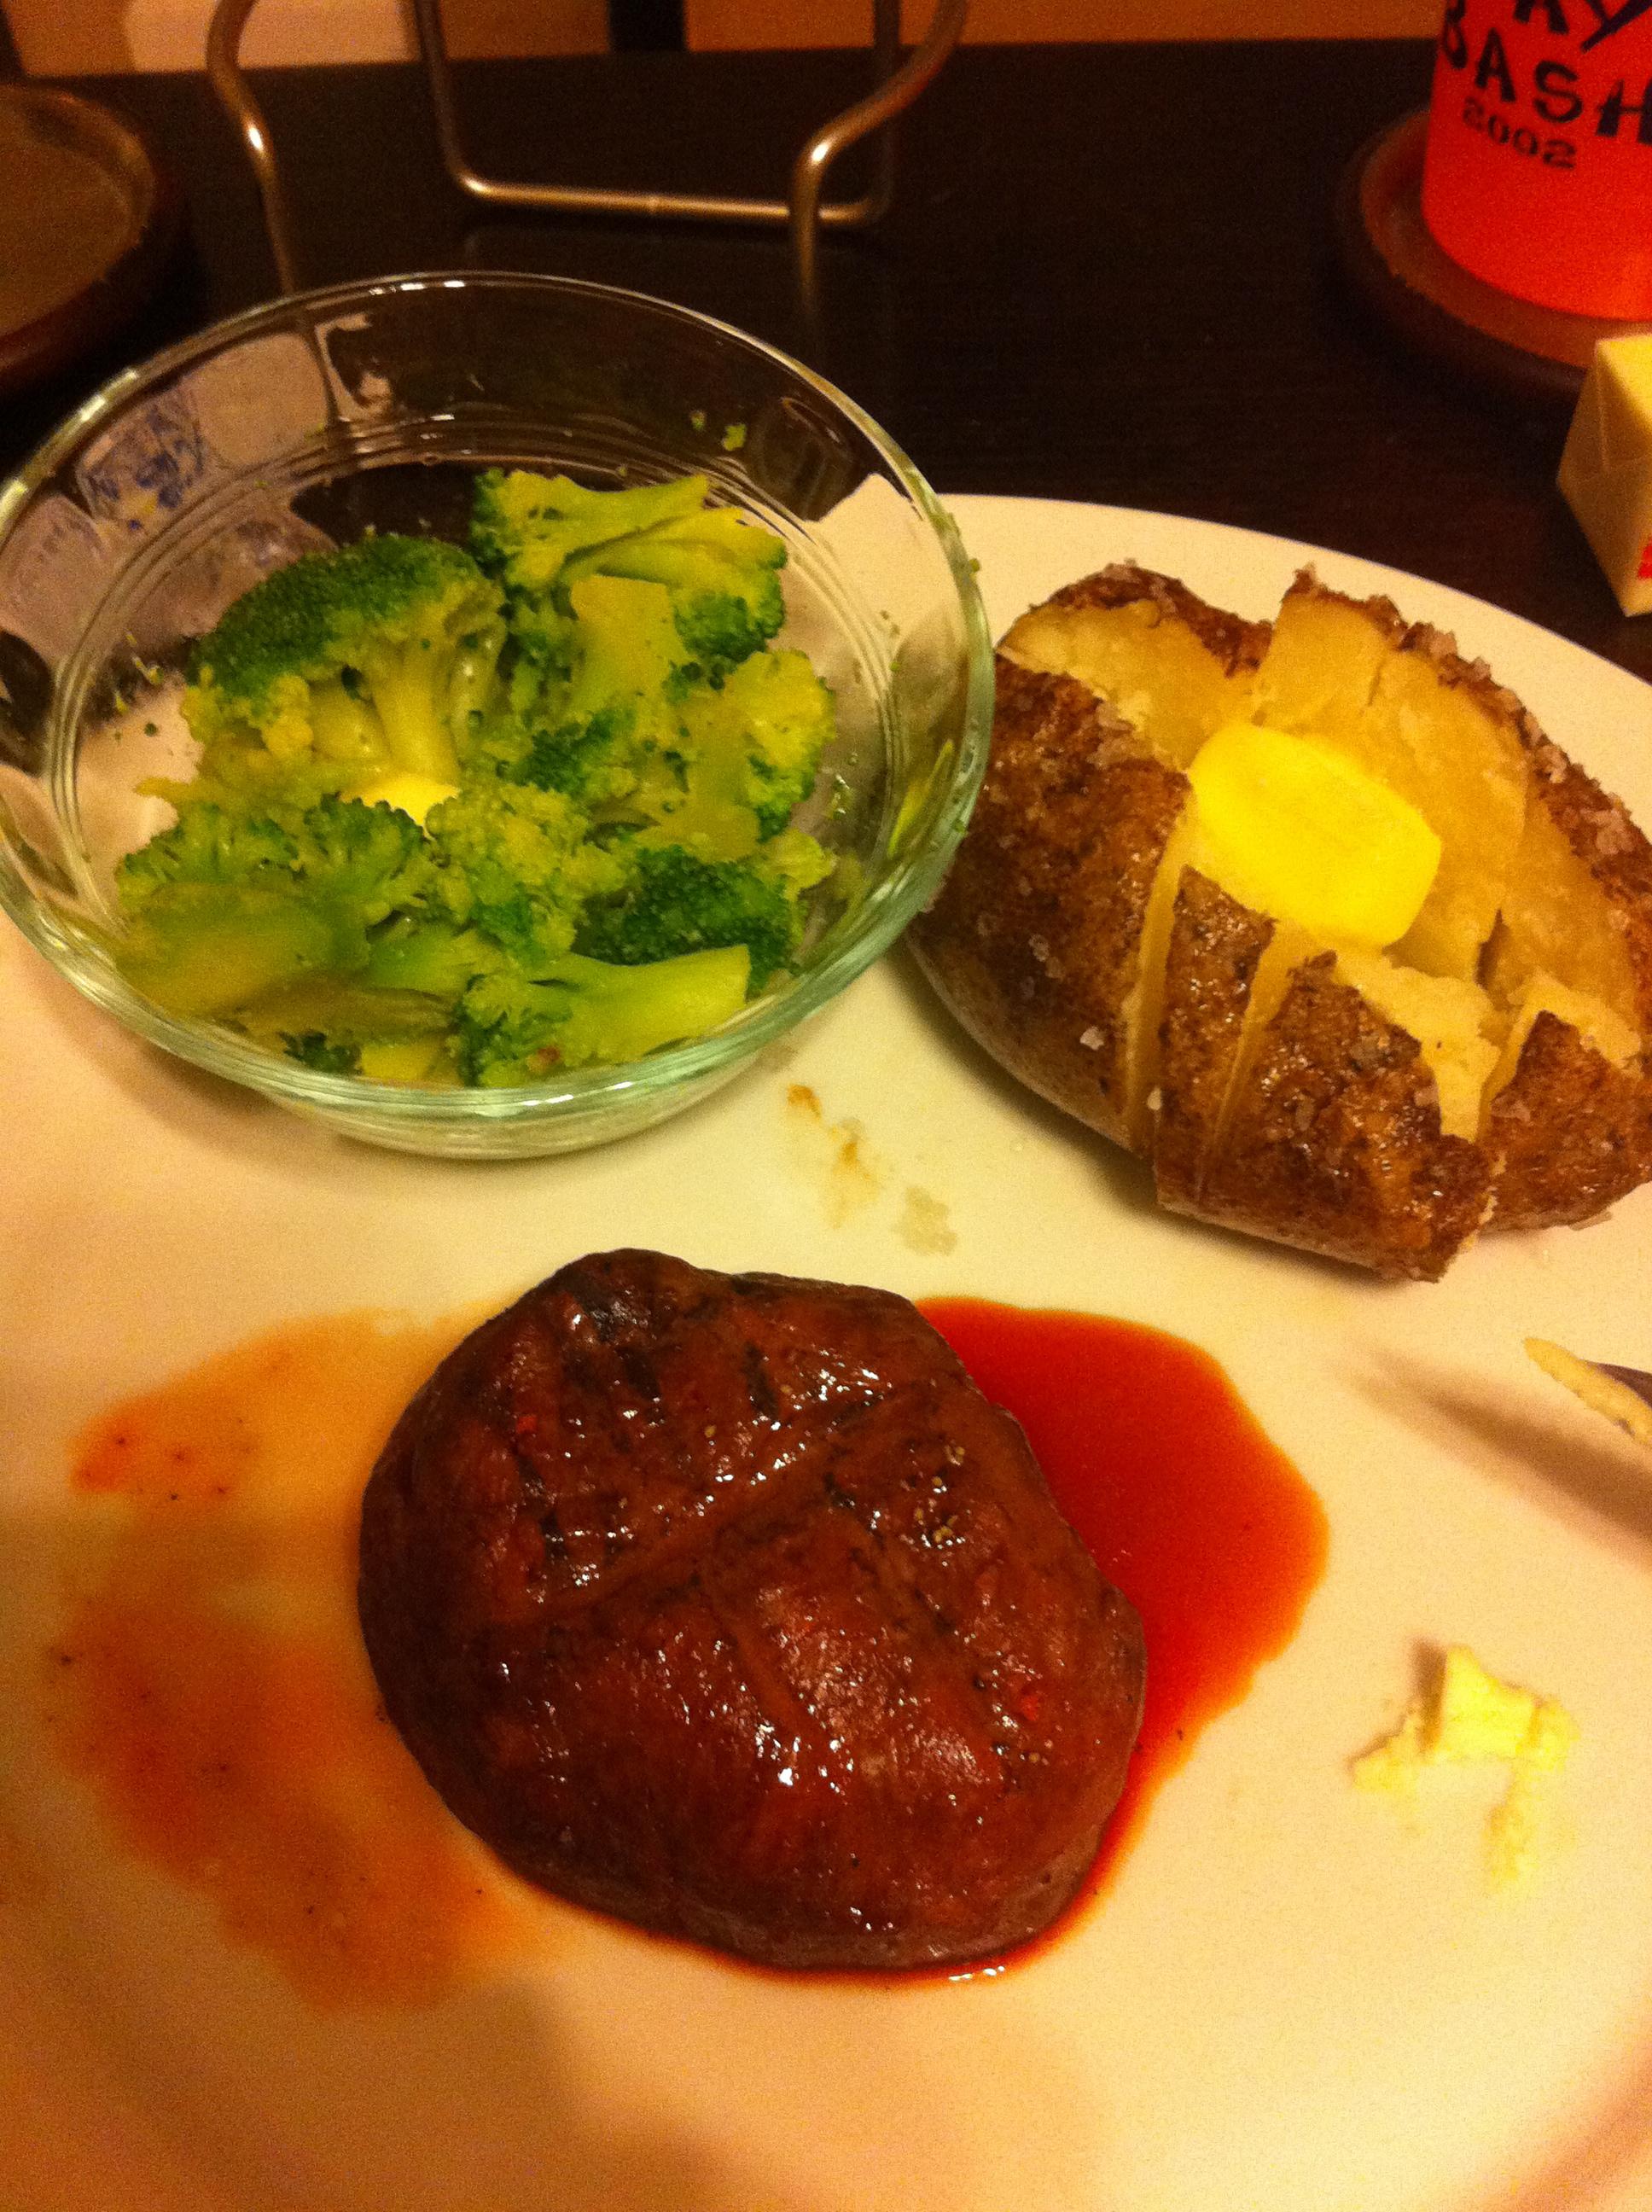 Filet Mignon for Valentine's Day by Aurora Meyer on aurorameyer.com